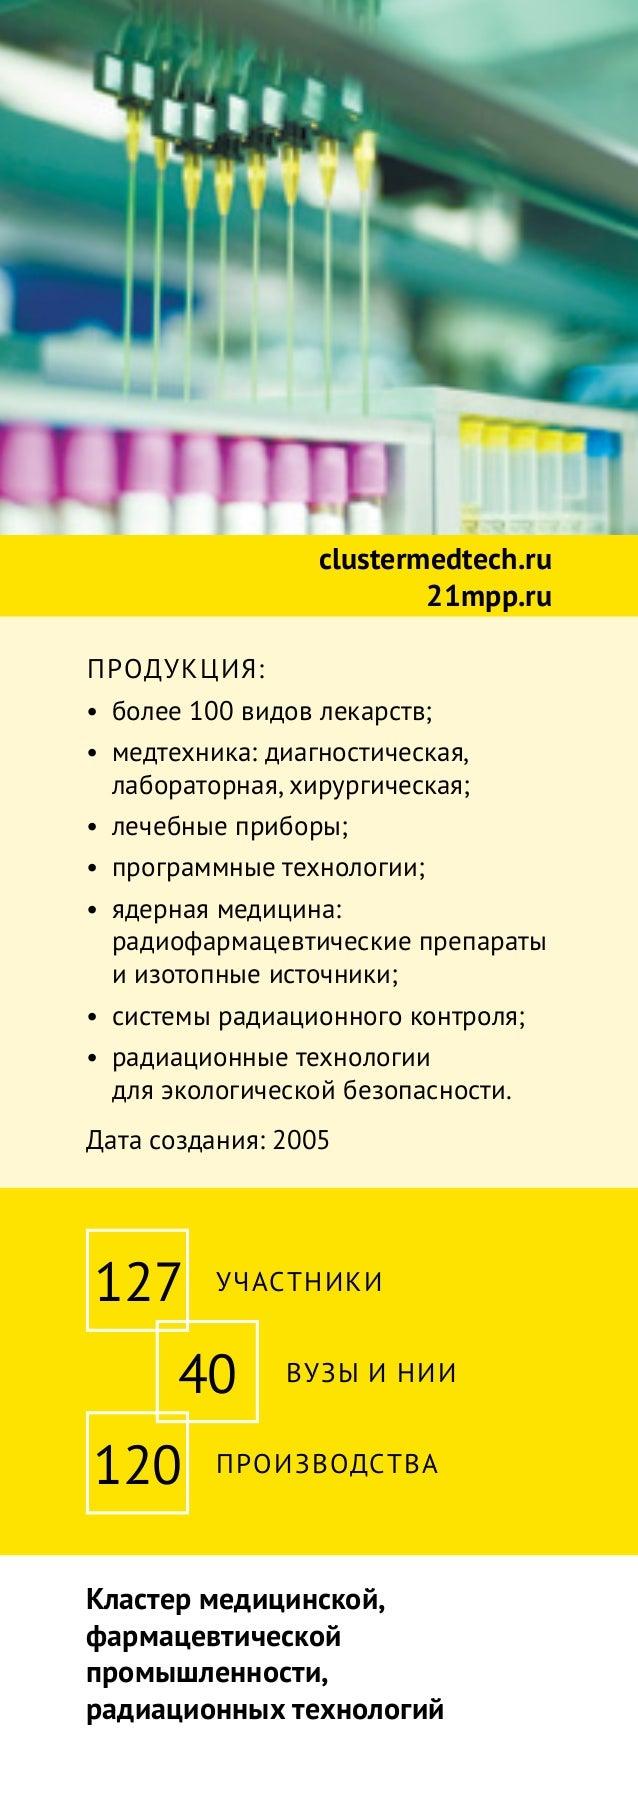 Saint-Petersburg Clusters ru Slide 2